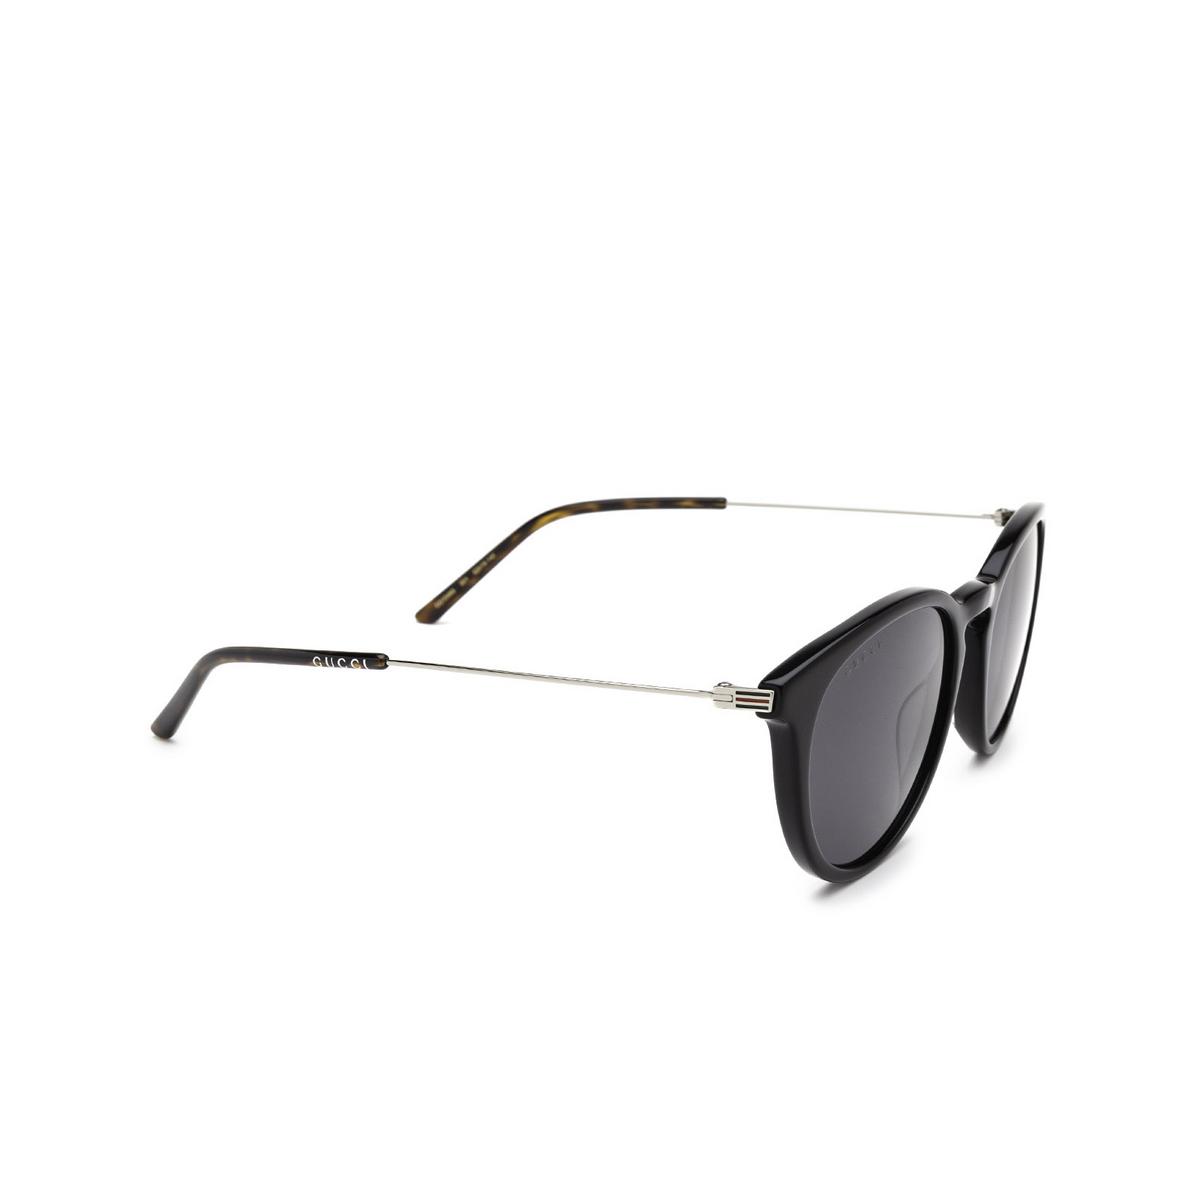 Gucci® Round Sunglasses: GG1048S color Black 001 - three-quarters view.